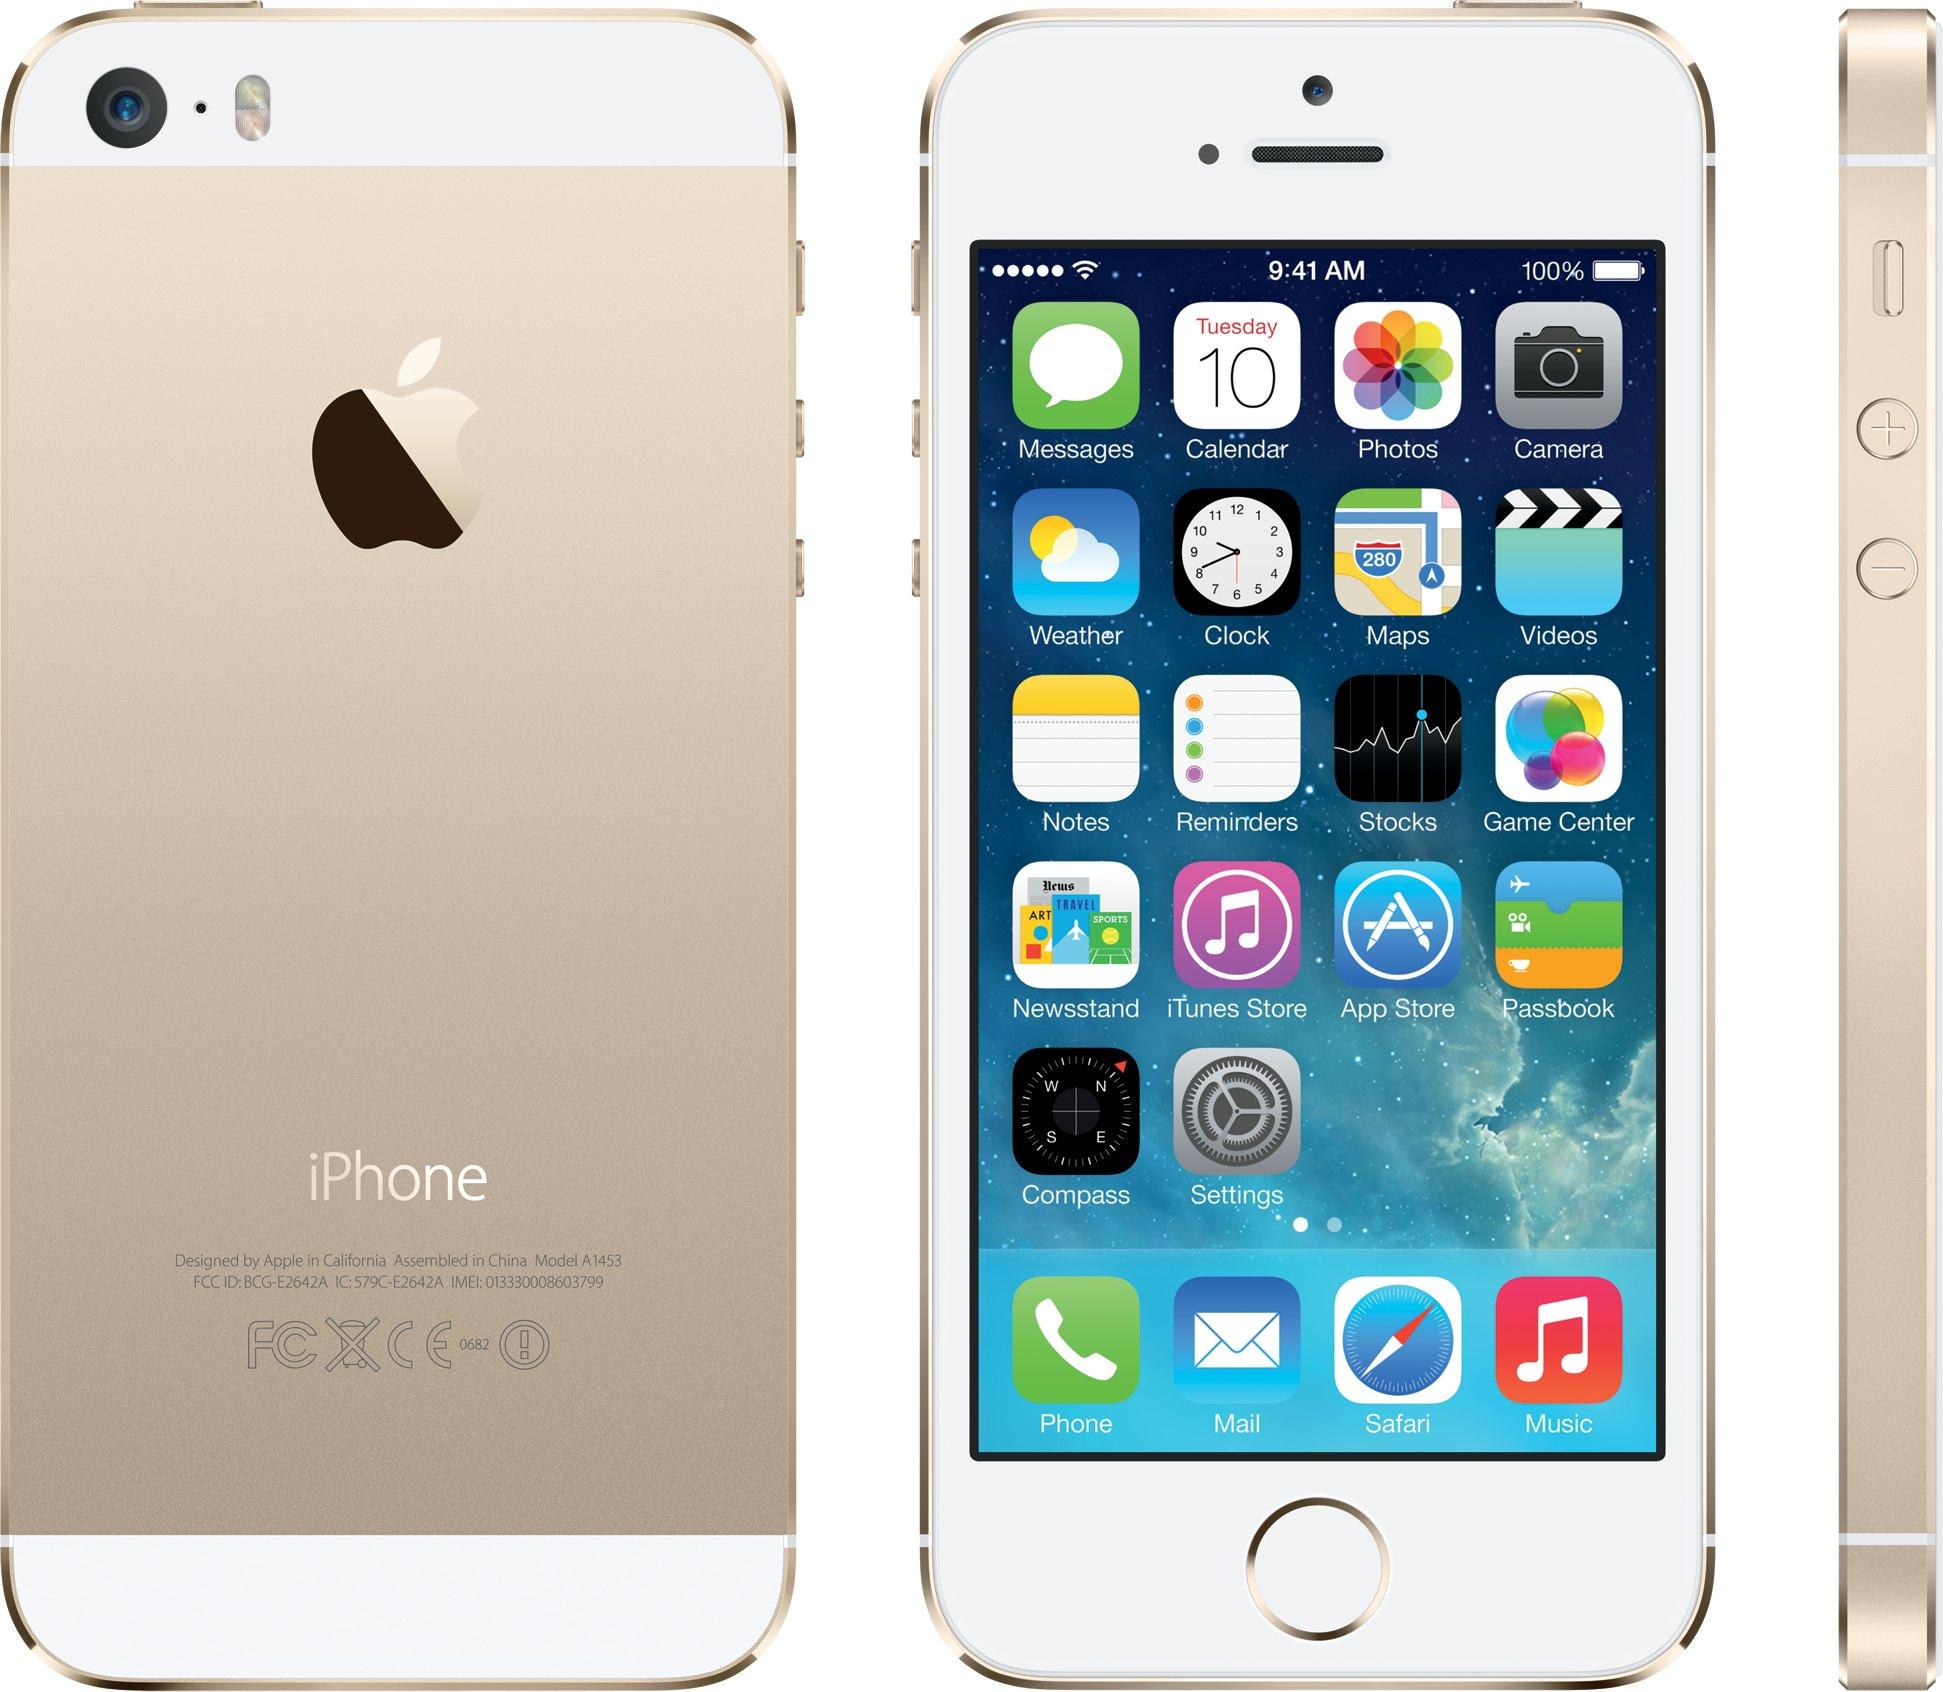 Купить айфон 5s в калининграде купить айфон се купить в спб цена